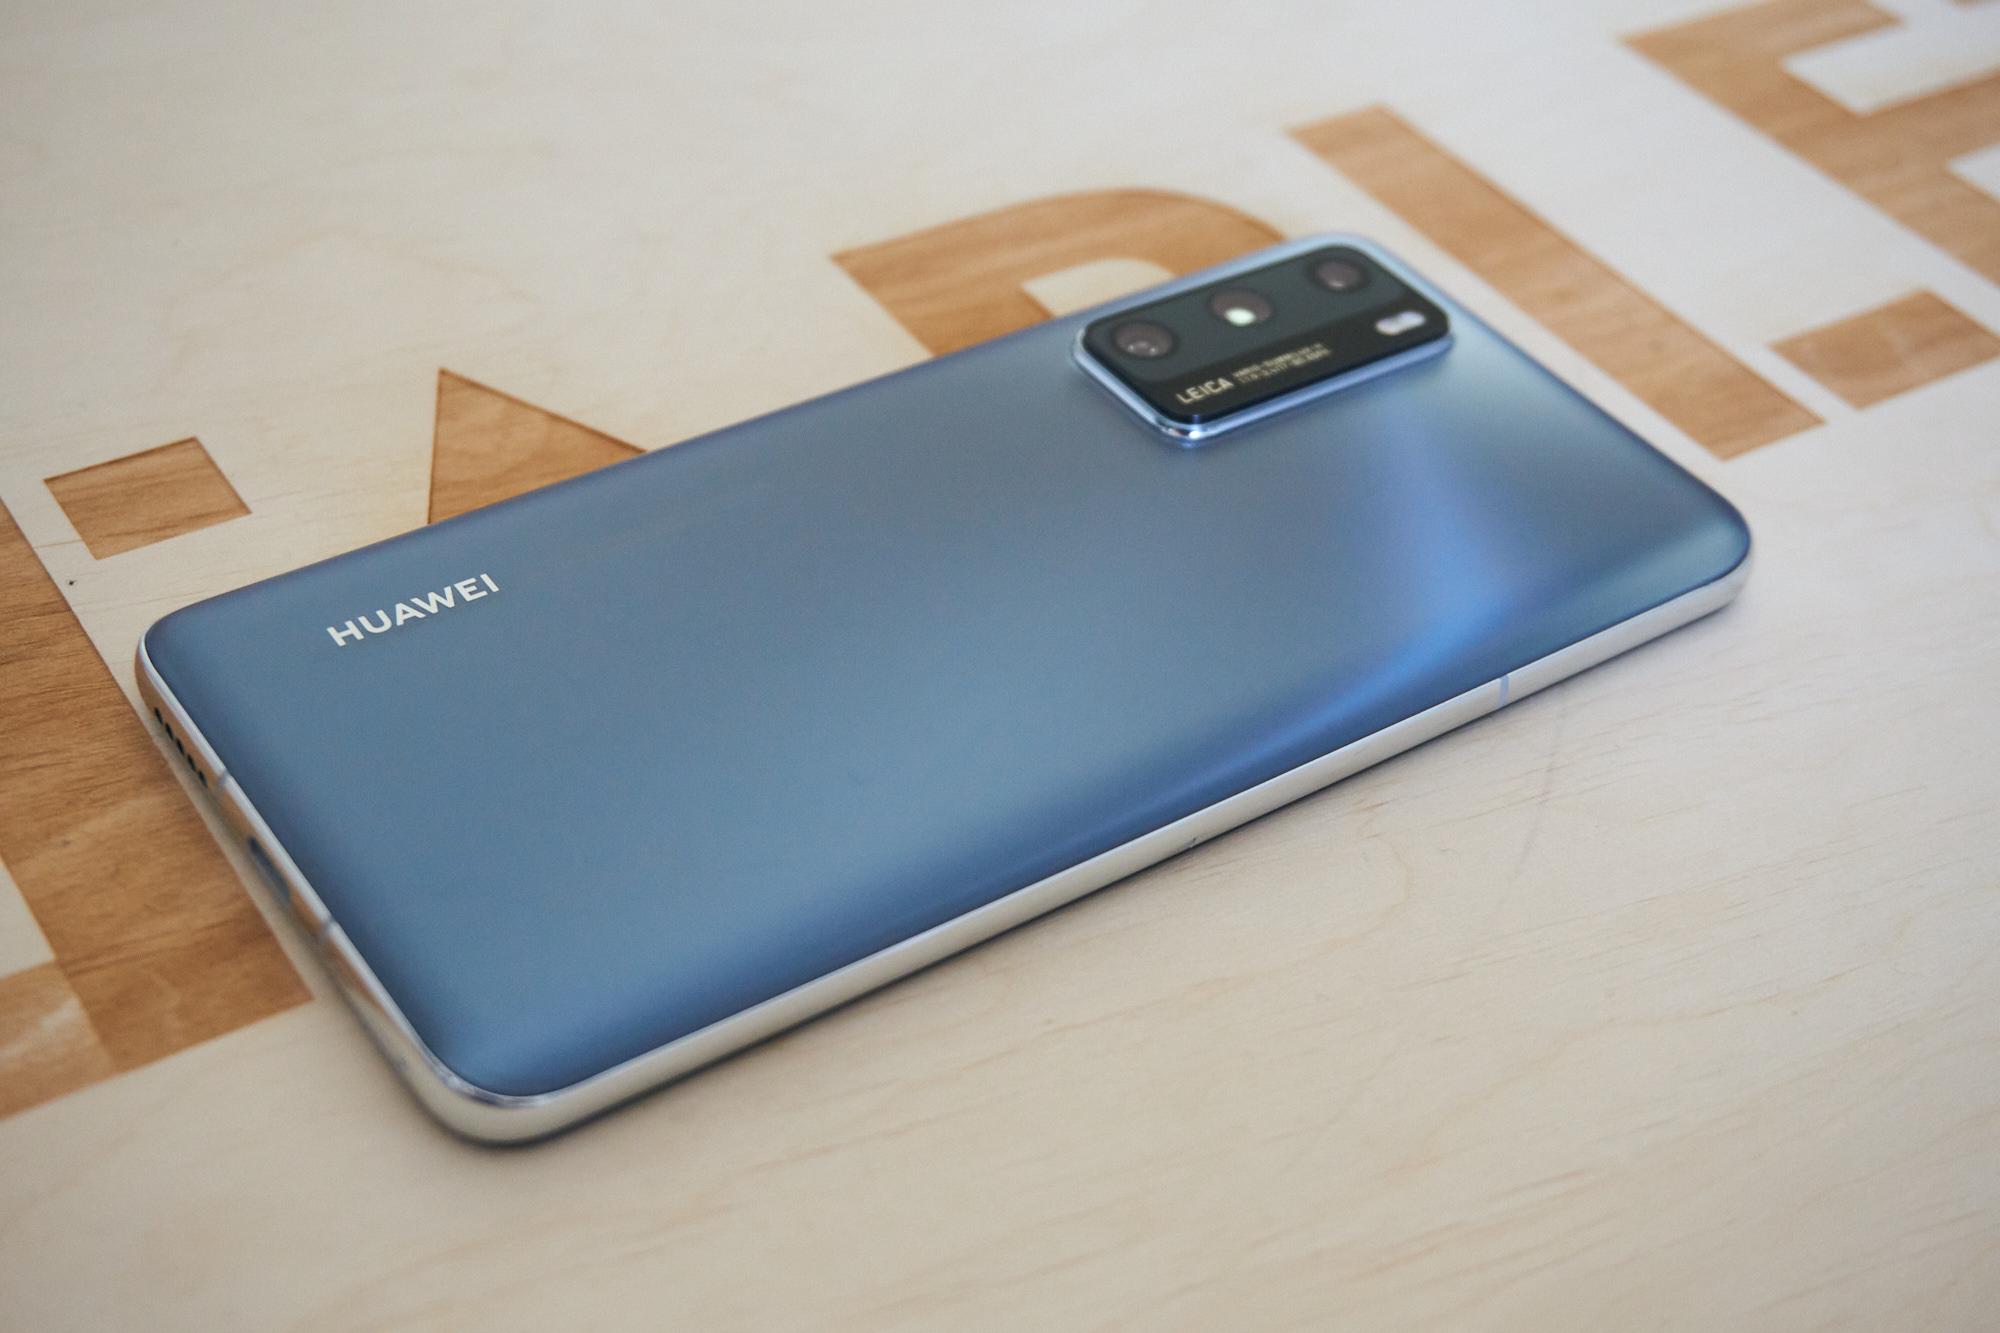 USA wymierzają Huawei kolejny cios. Chiny nie zamierzają na to biernie patrzeć 21